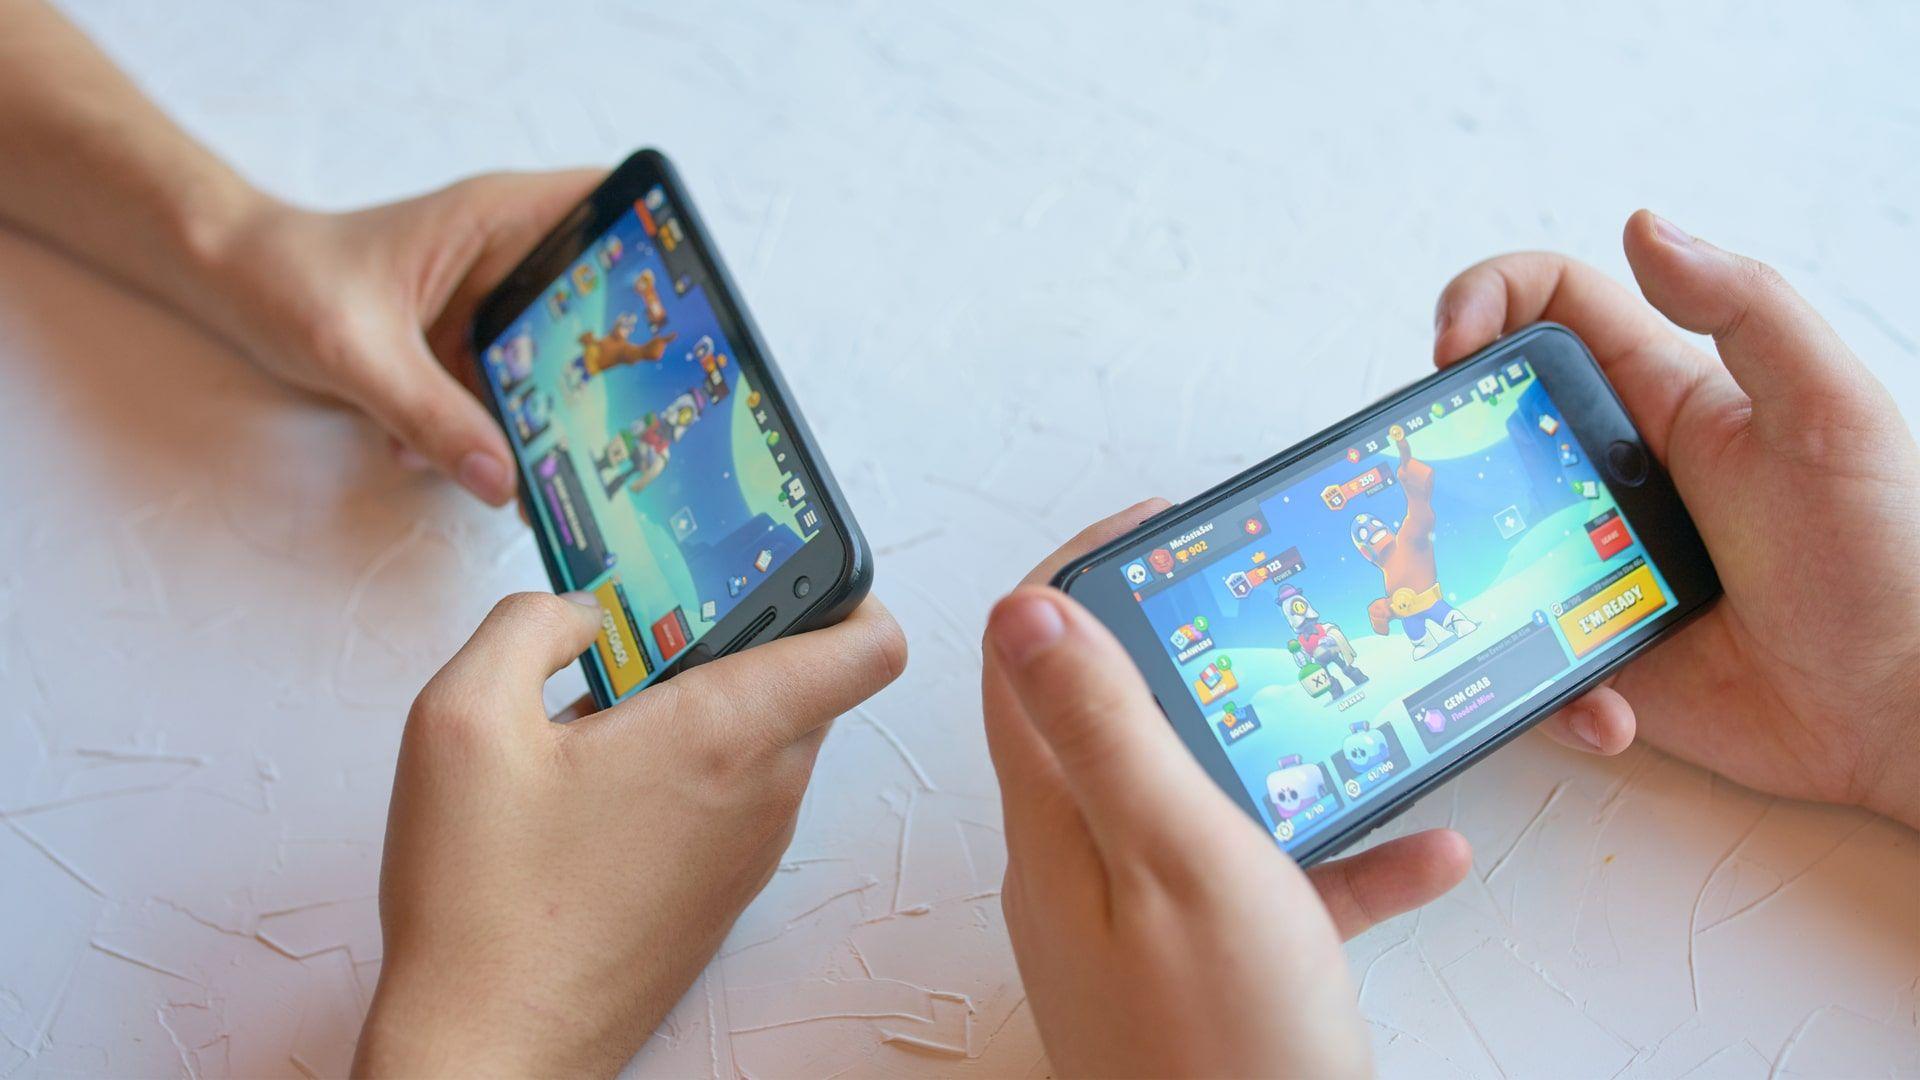 Brawl Stars é uma boa opção de jogo online para celular para se divertir com os amigos (Foto: Shutterstock)